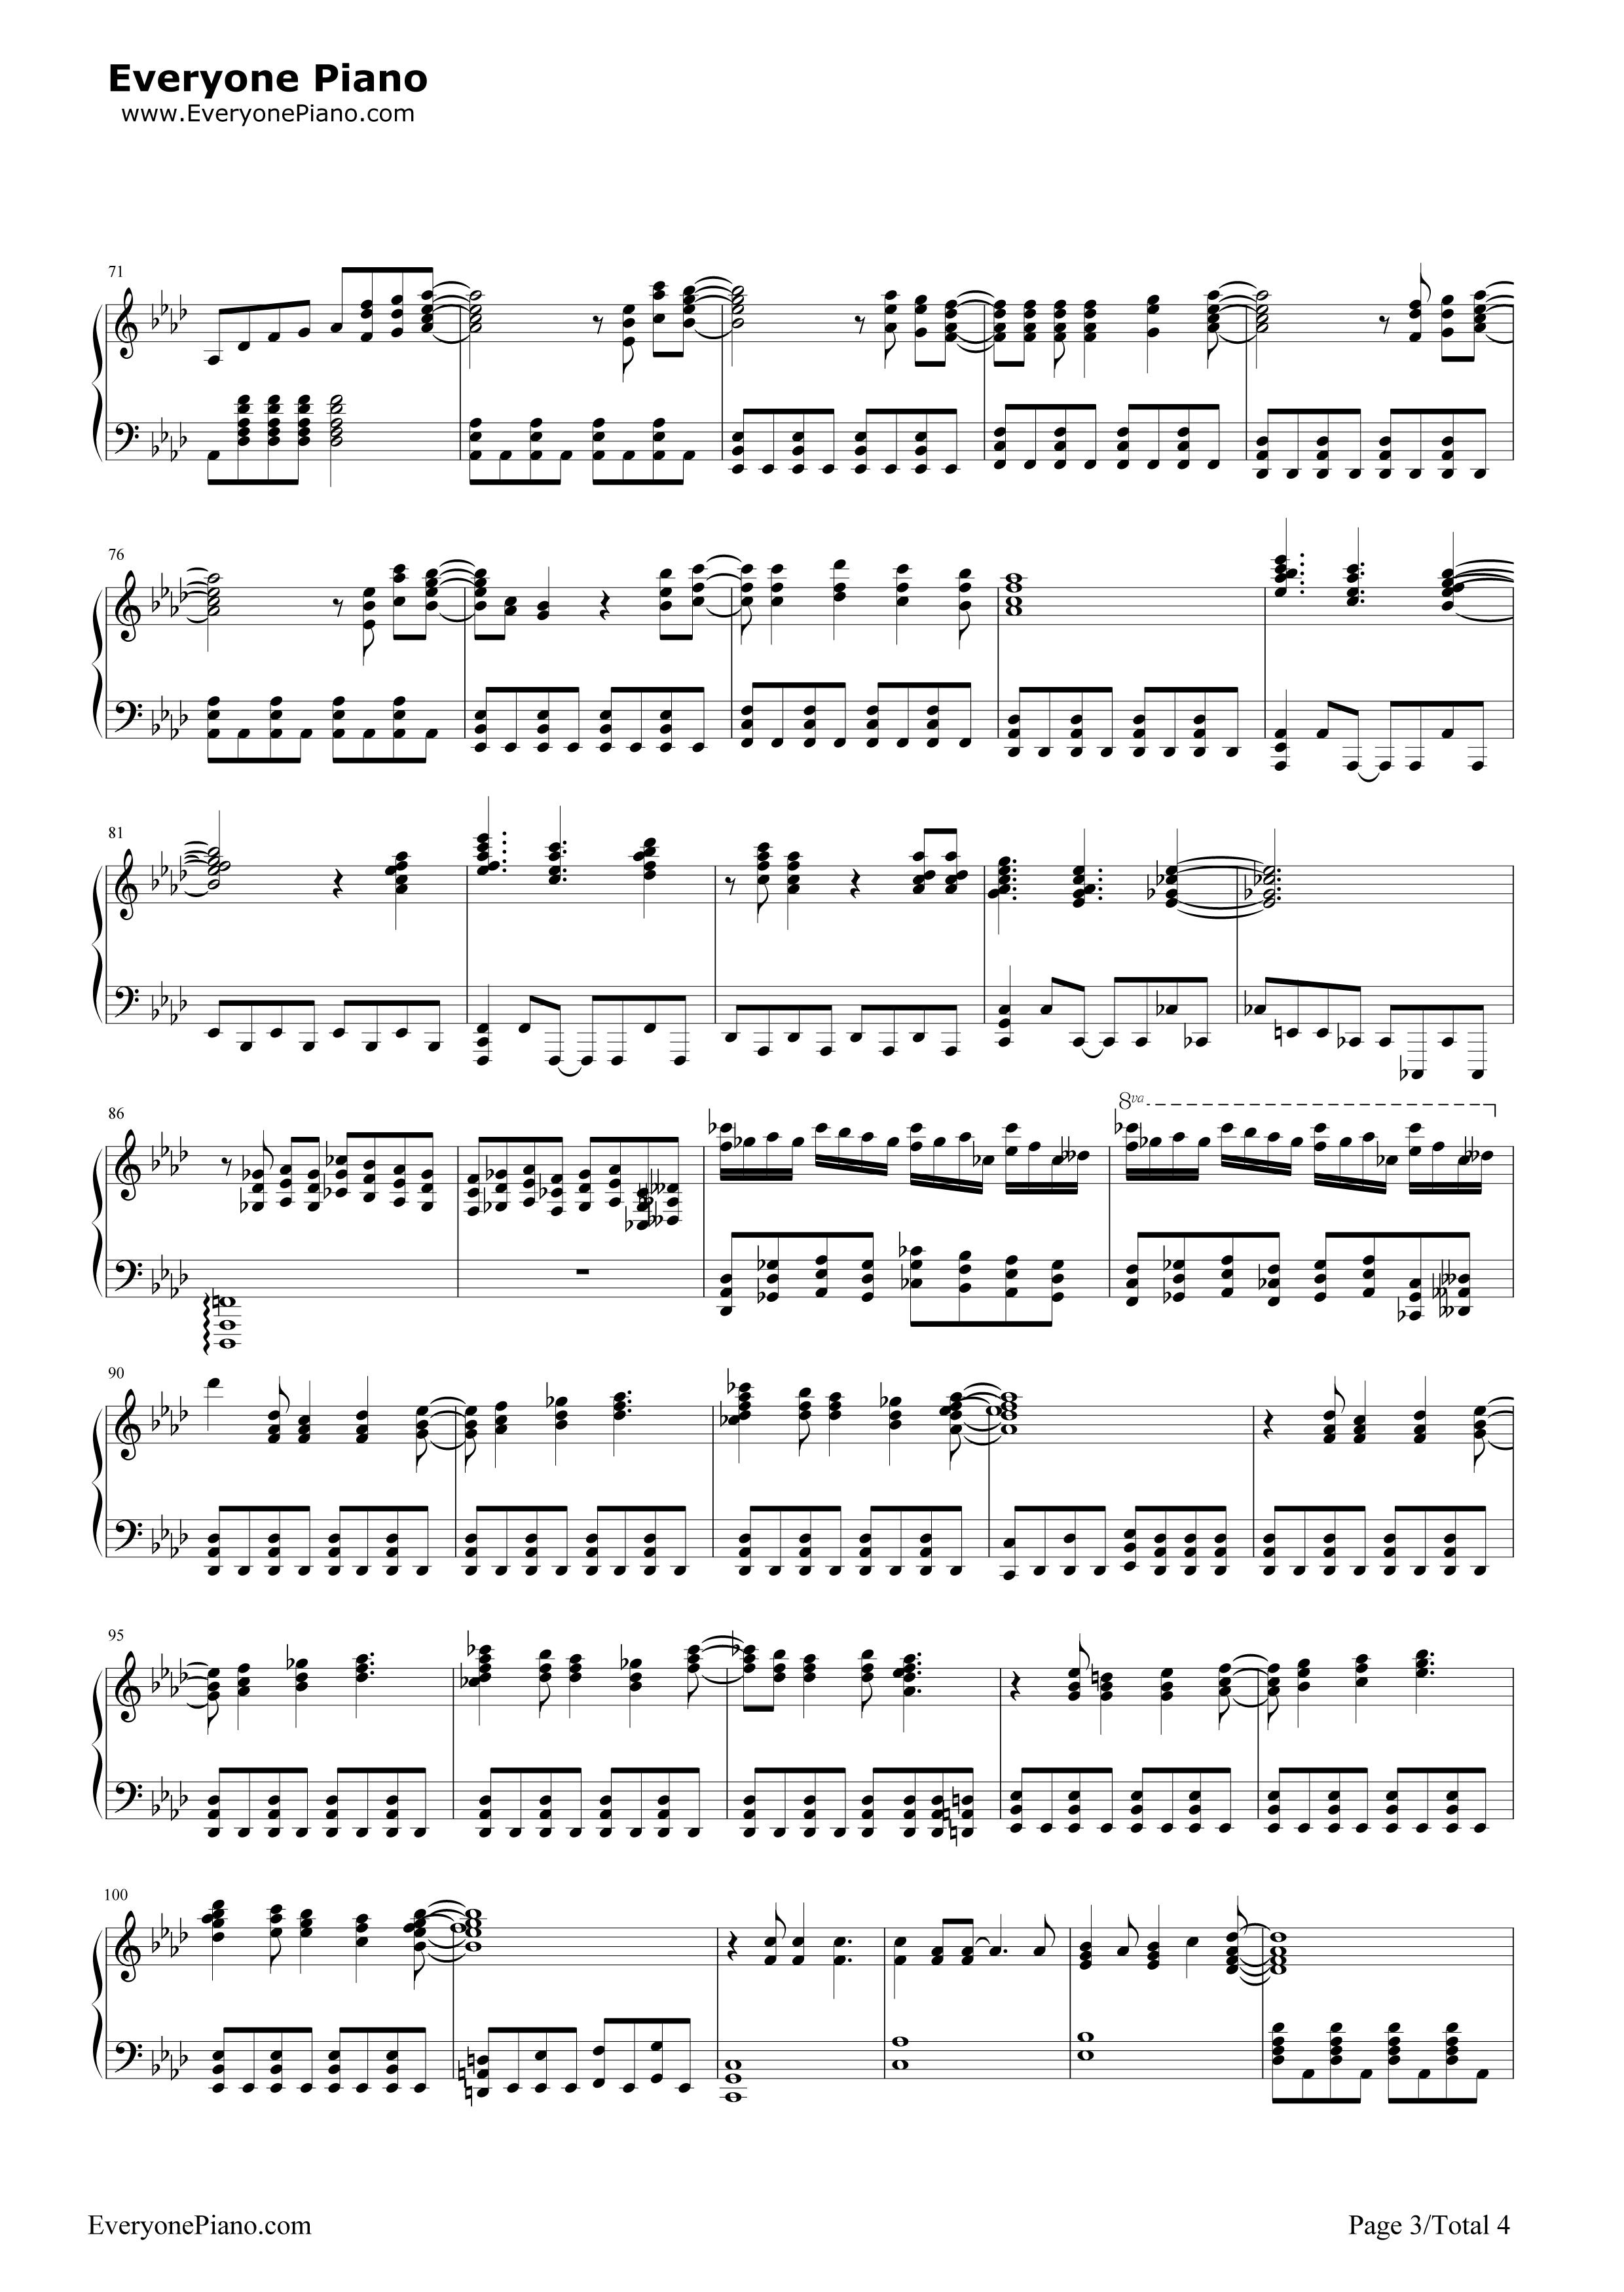 网站首页 钢琴曲谱 流行 let it go完整版-动画冰雪奇缘主题曲 >> let